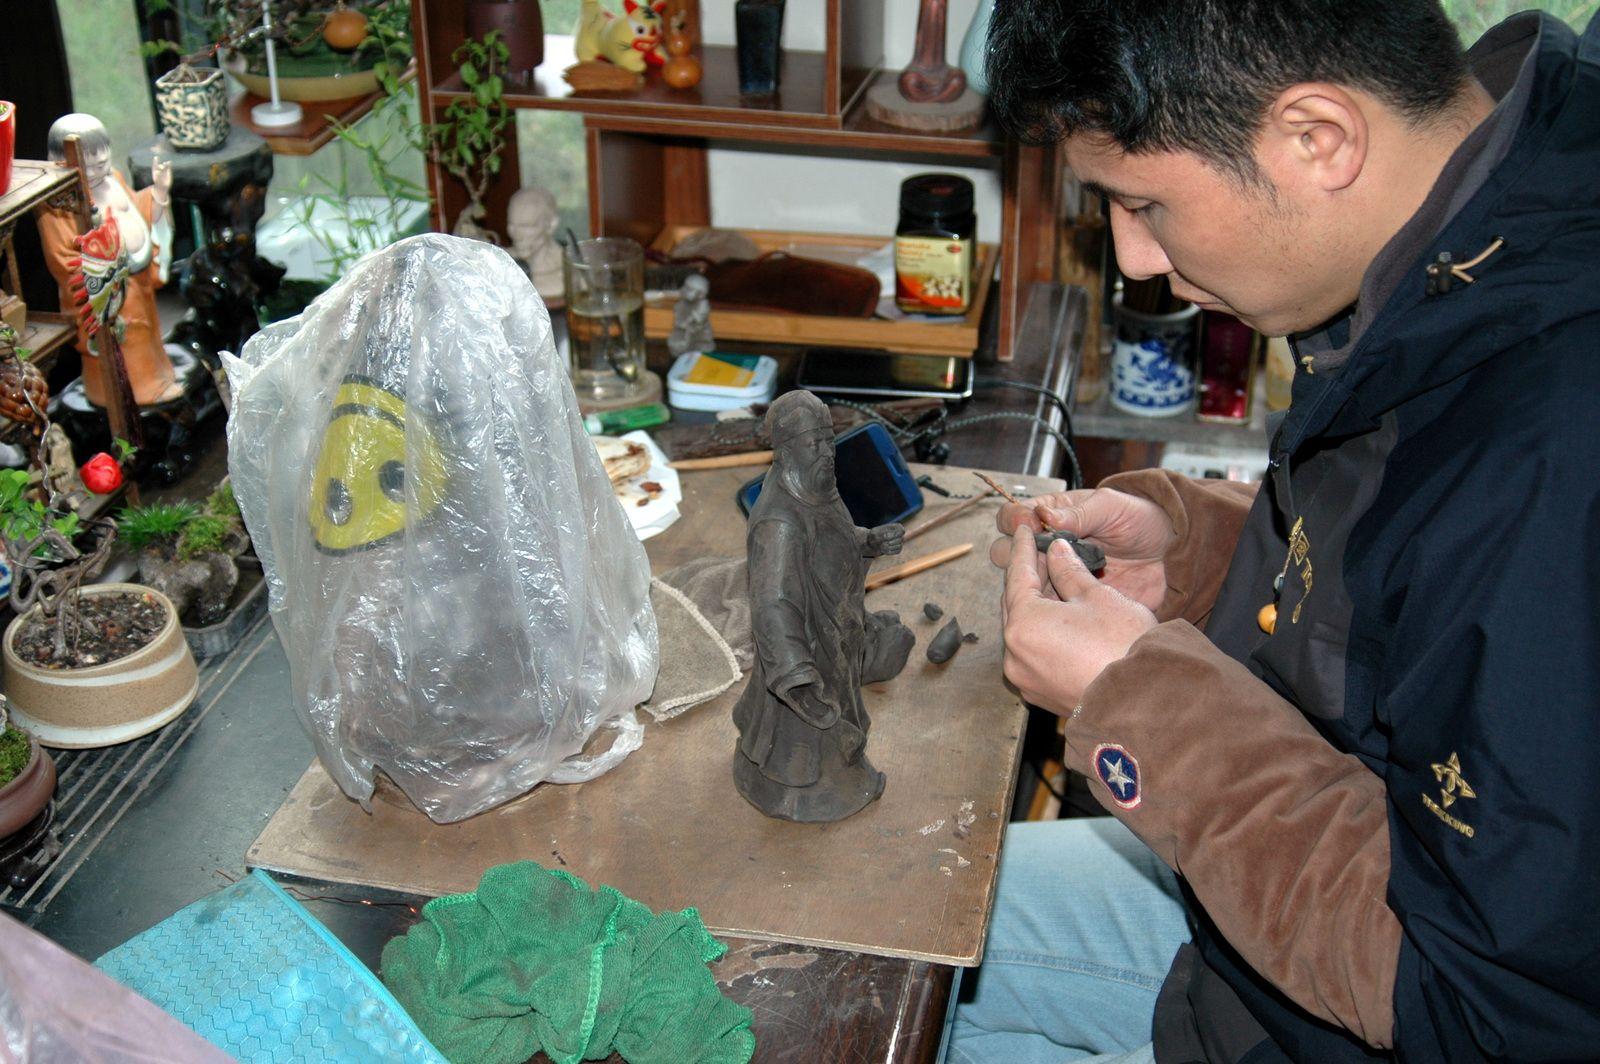 L'artiste qui réalise la base en argile